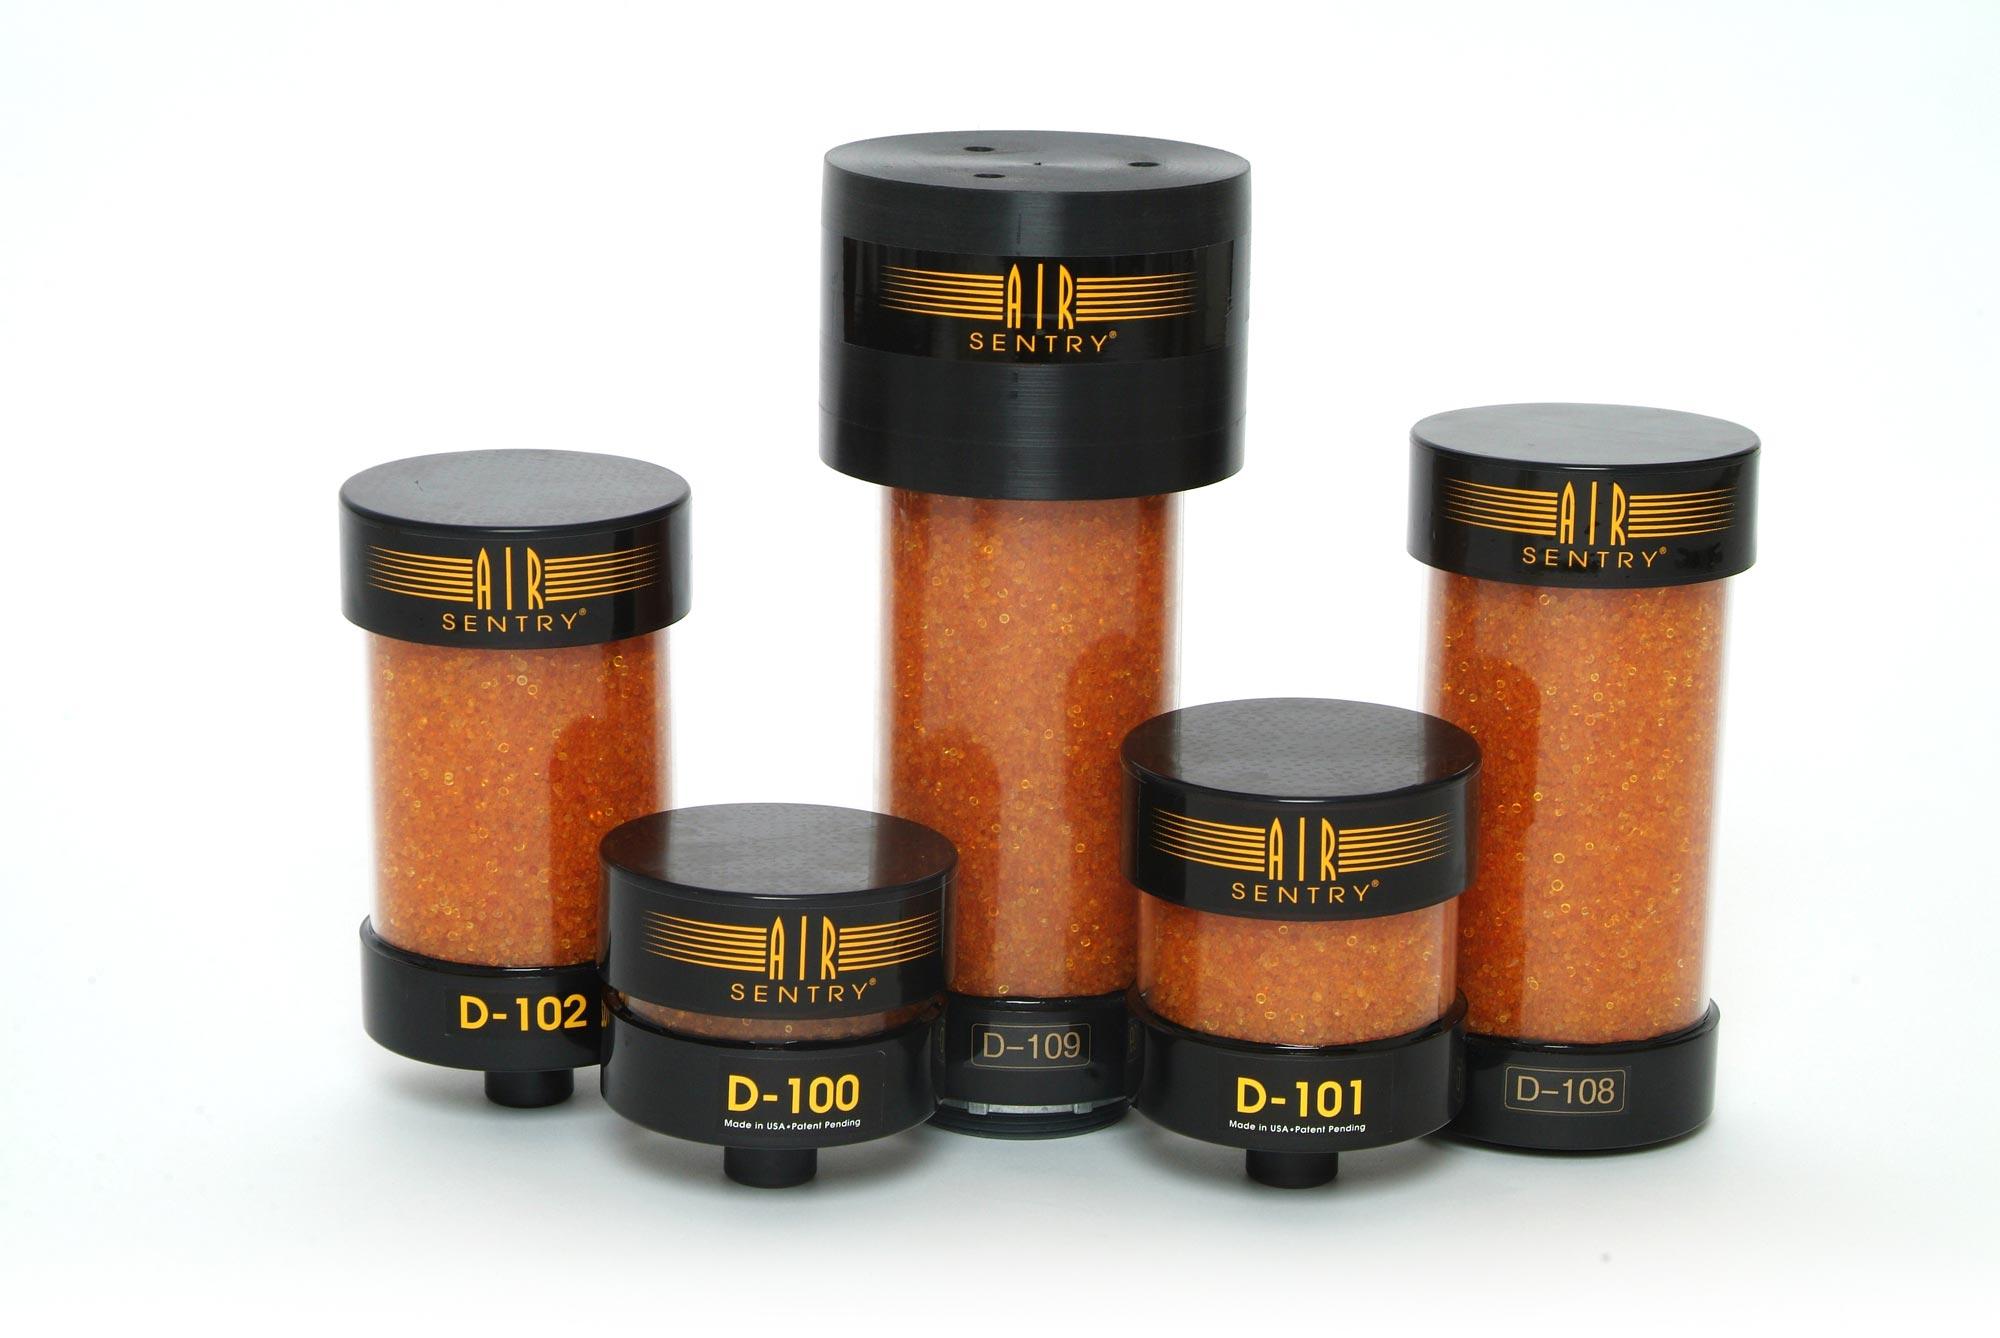 Air Sentry D-serien, industriklassade andningsventilatorer för filtrering av luft till känslig utrustning